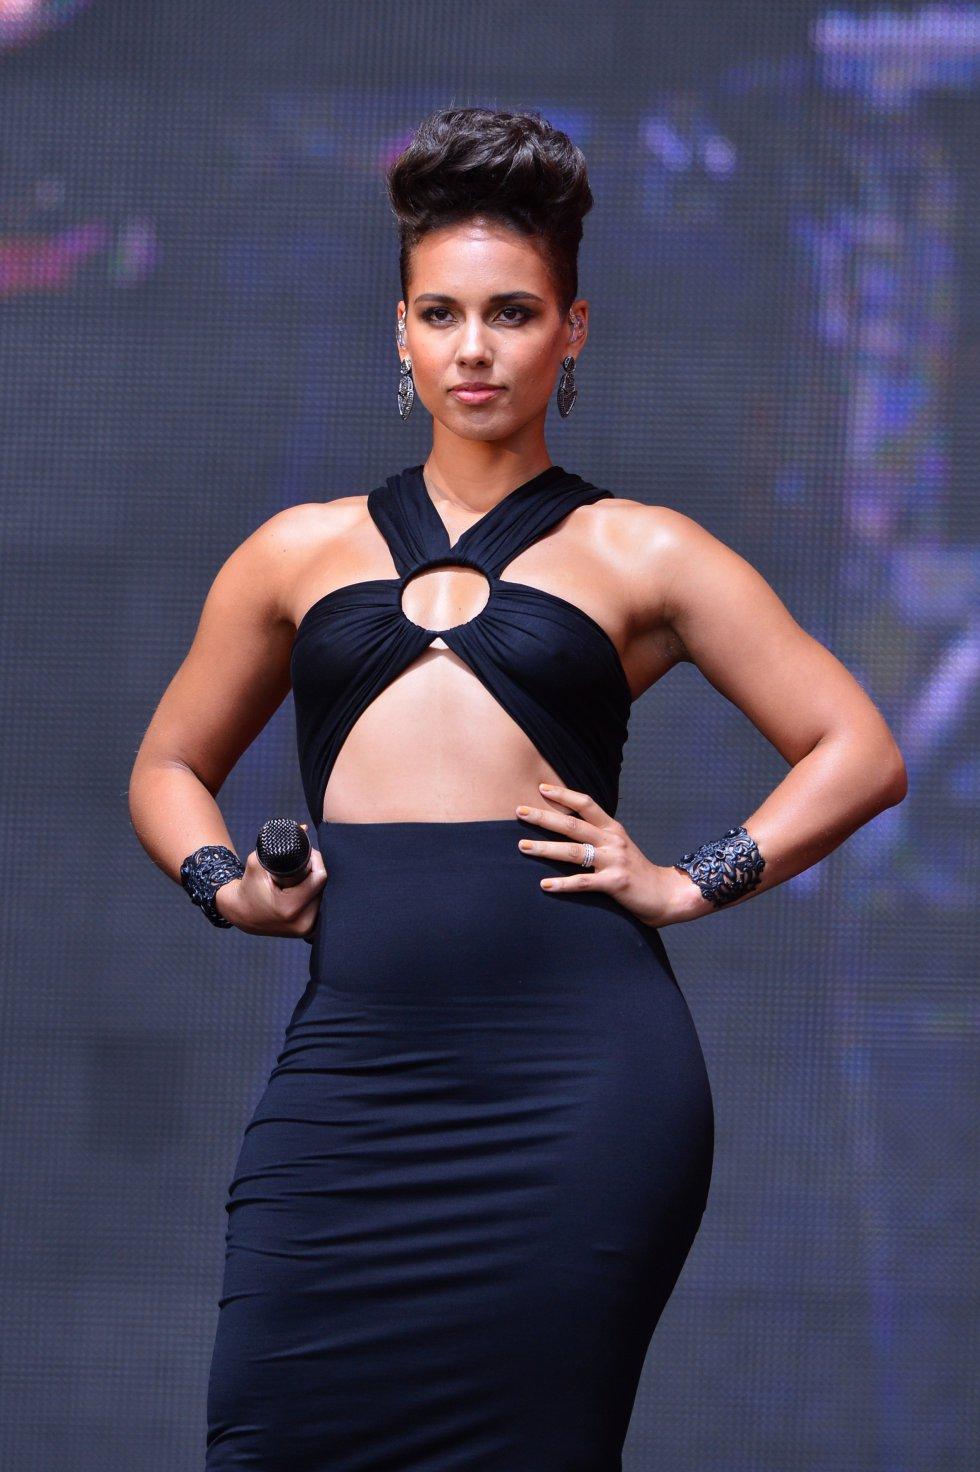 El verdadero nombre de Alicia Keys es Alicia Augello Cook